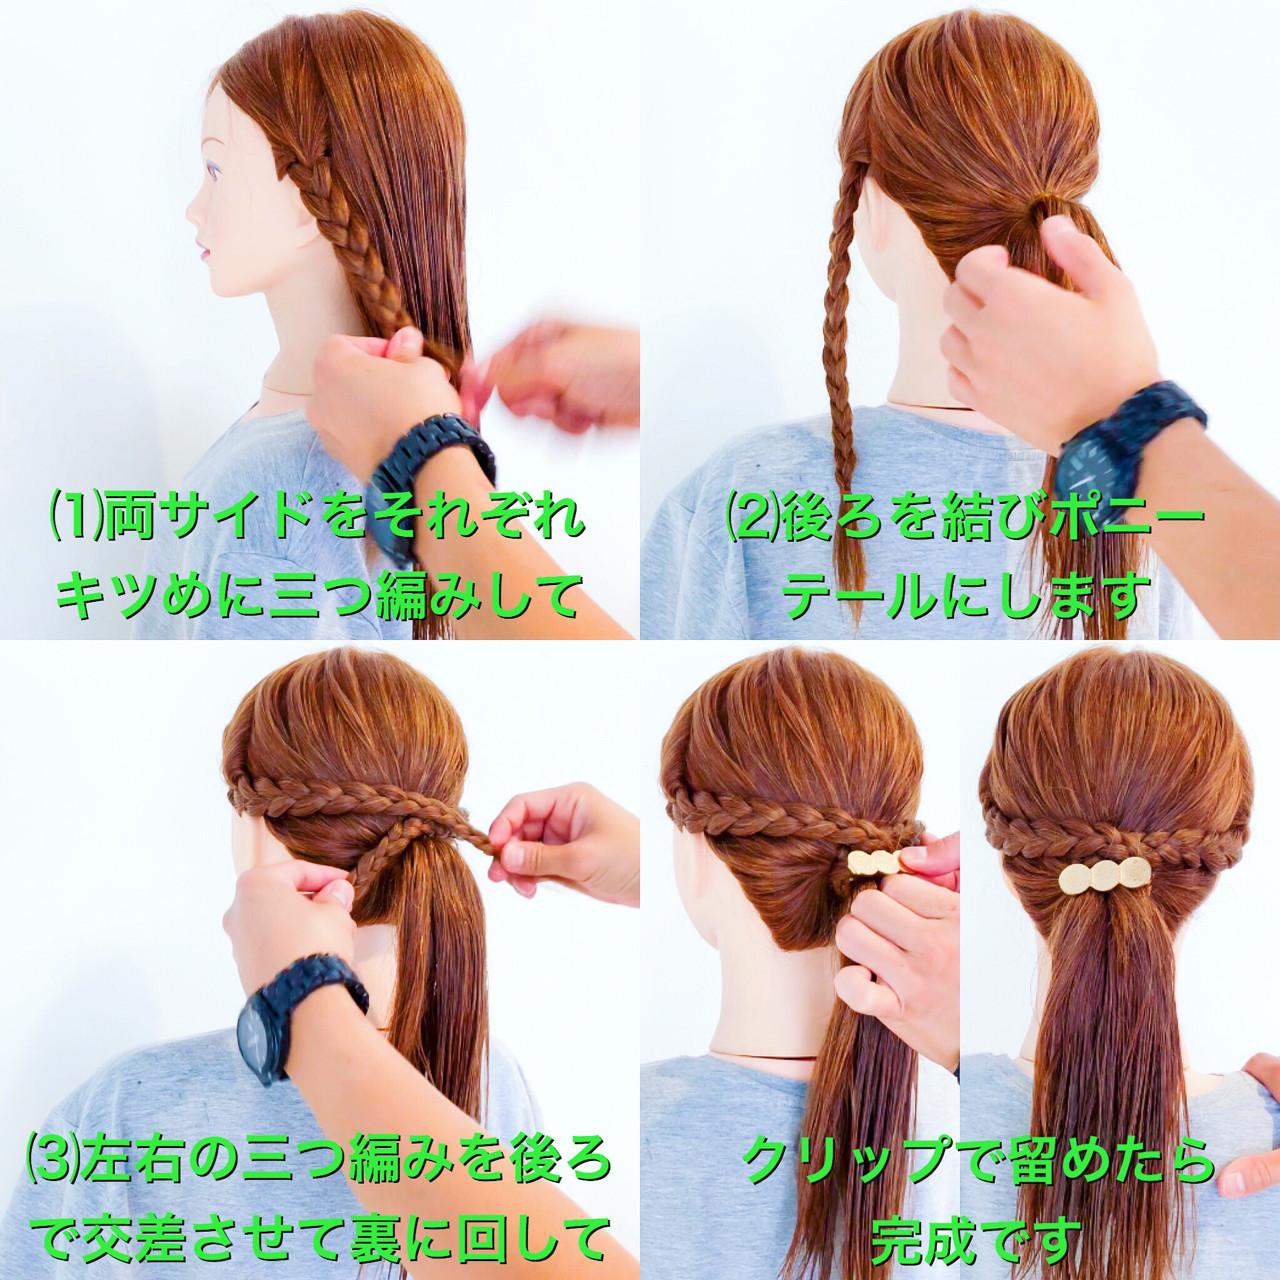 時短でOK!三つ編み×低めポニーテール 美容師 HIRO